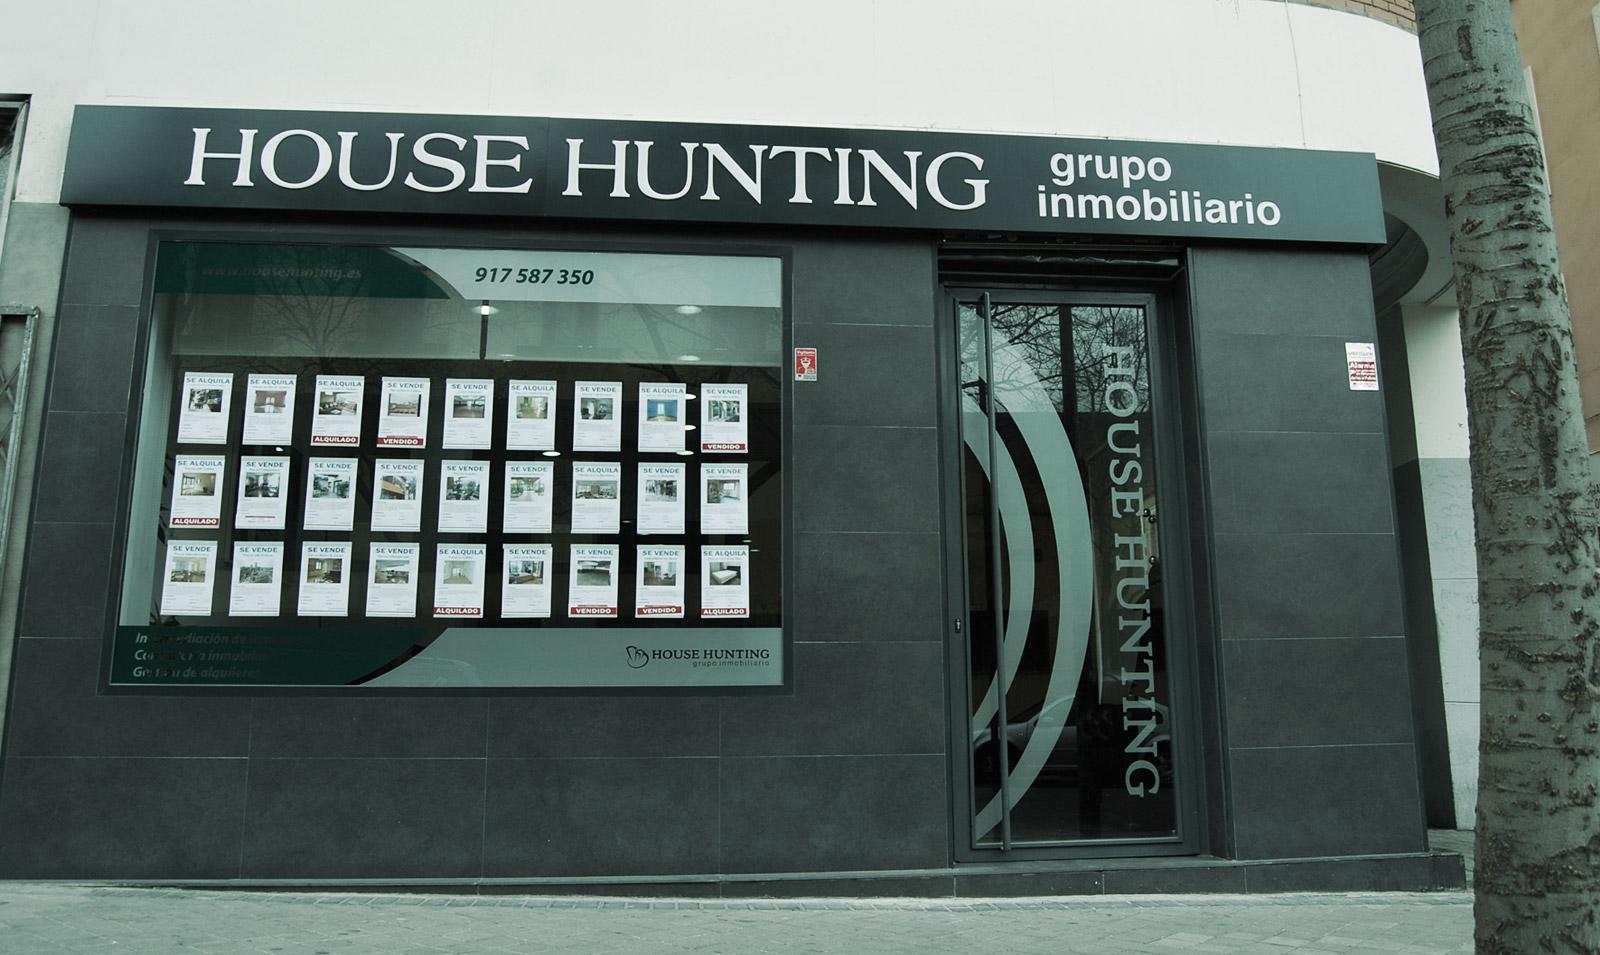 House Hunting Grupo Inmobiliario